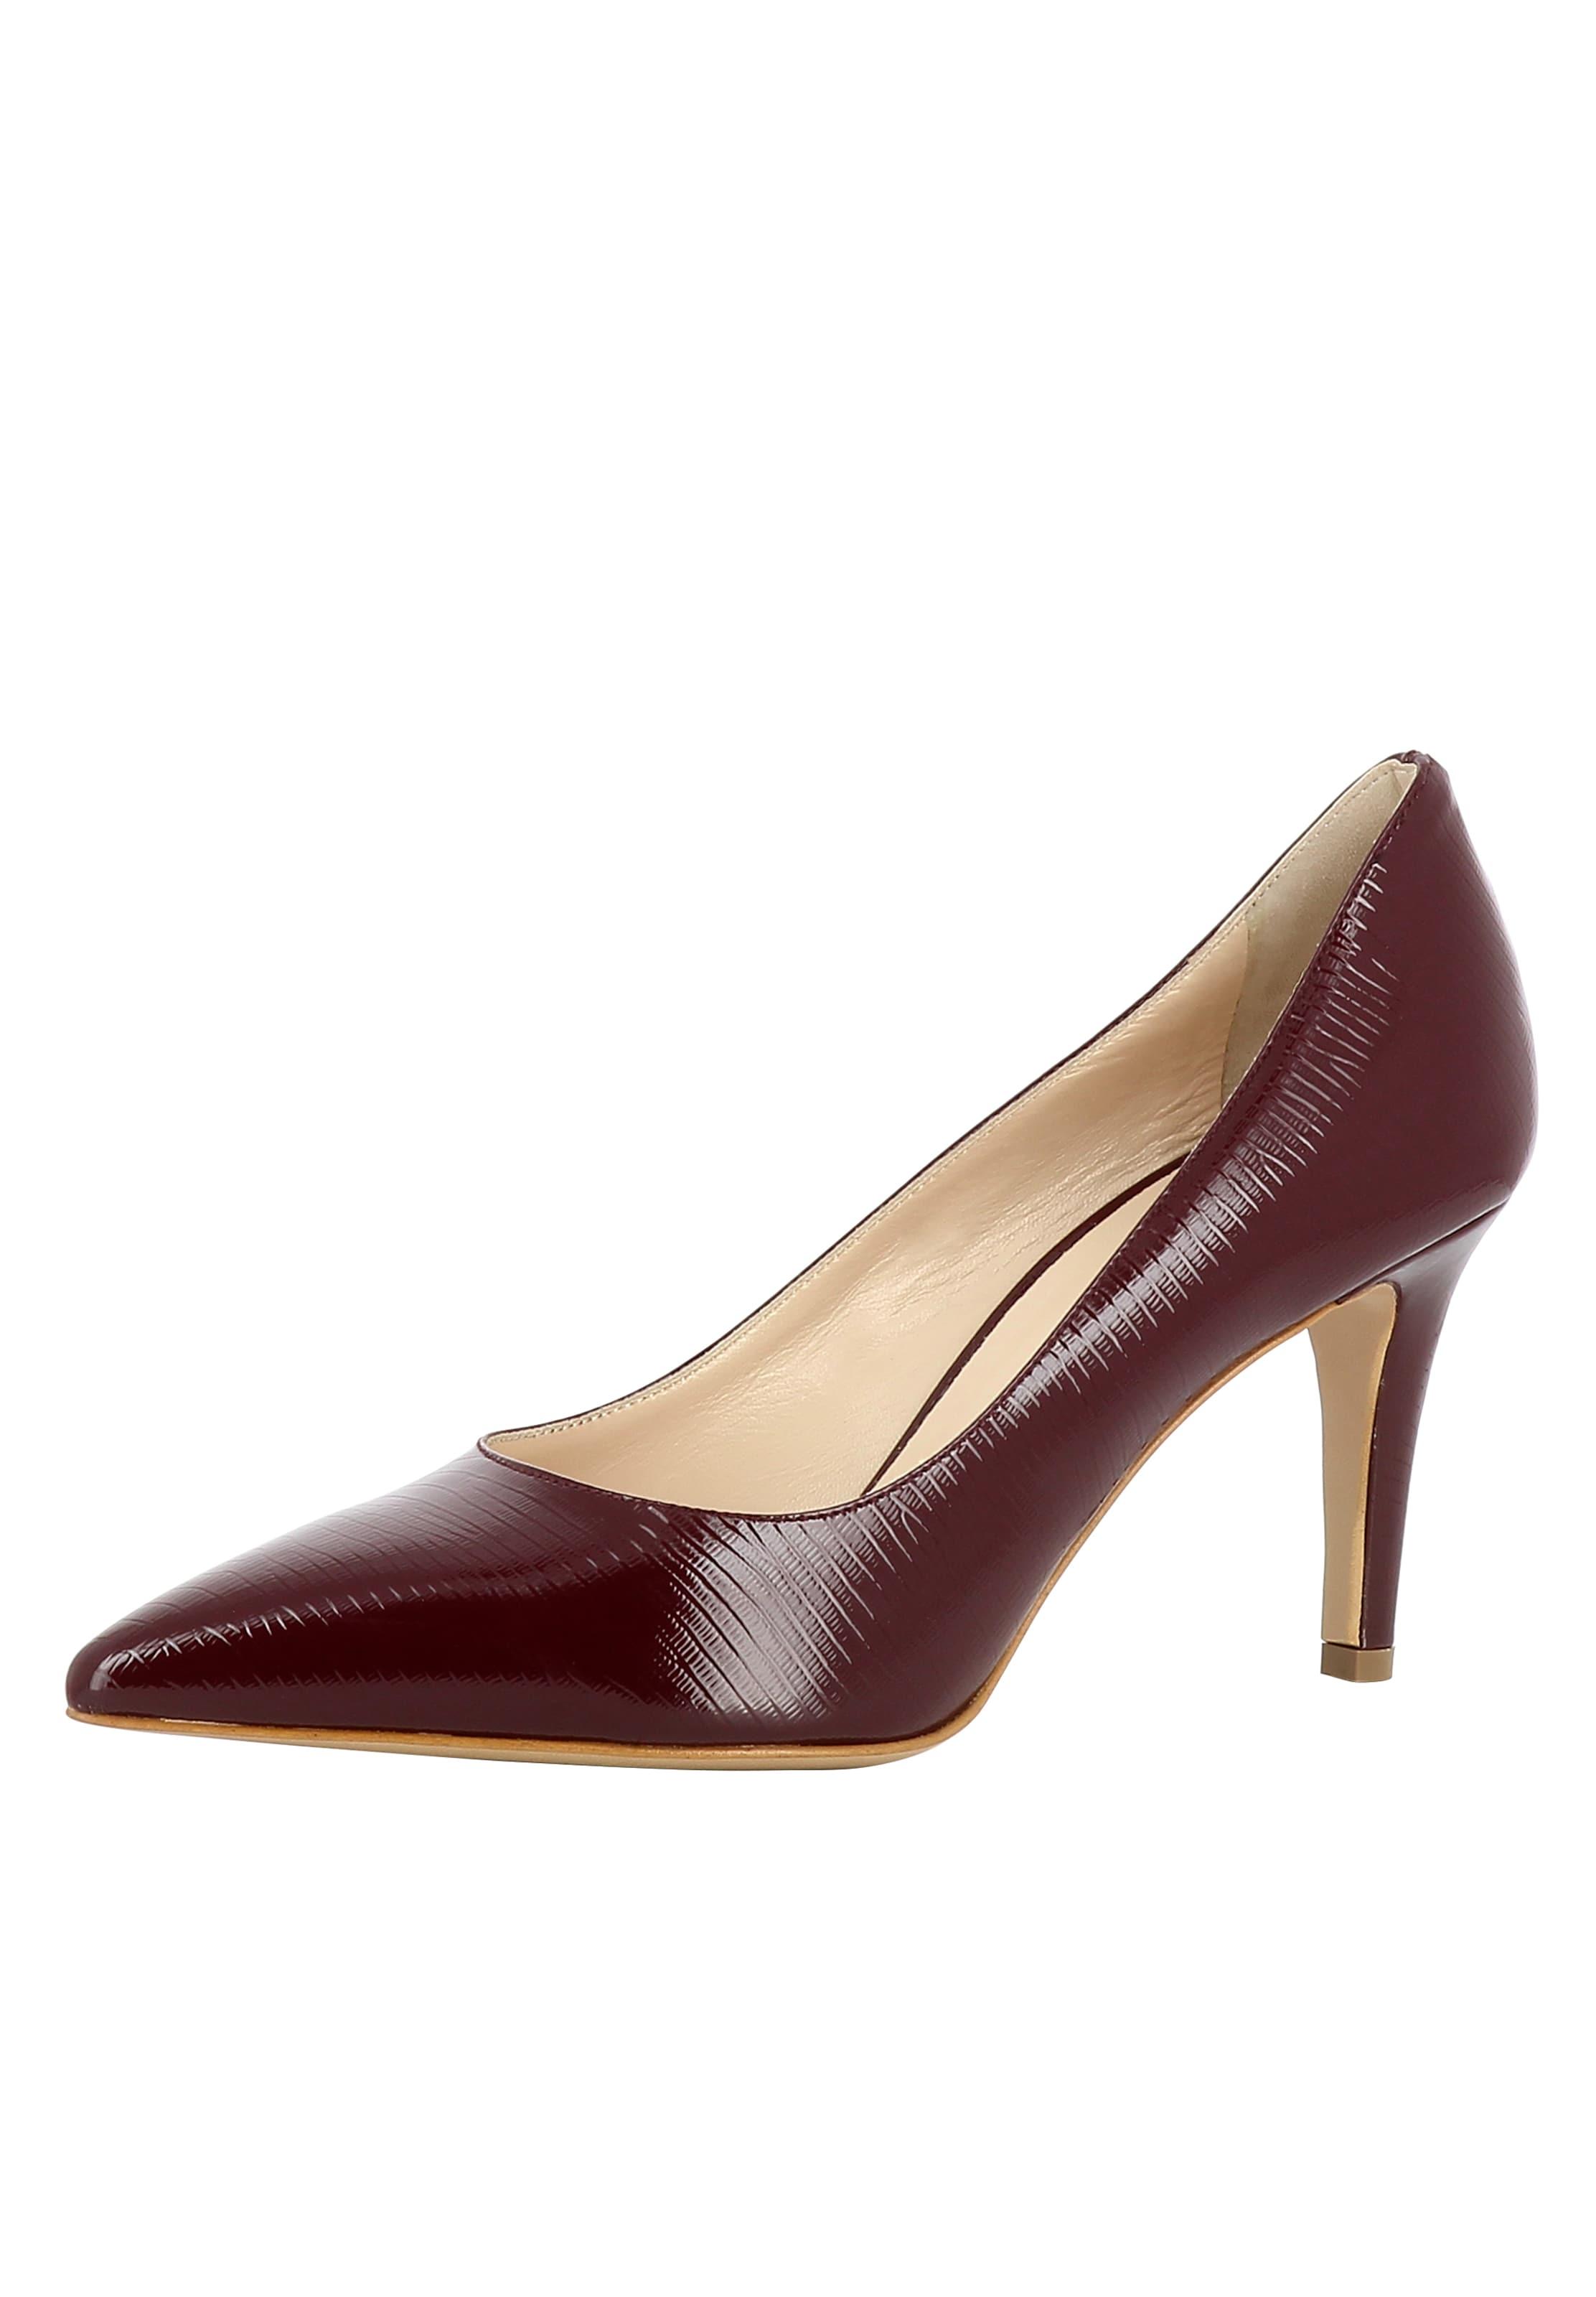 EVITA Damen Pumps ARIA Verschleißfeste billige Schuhe